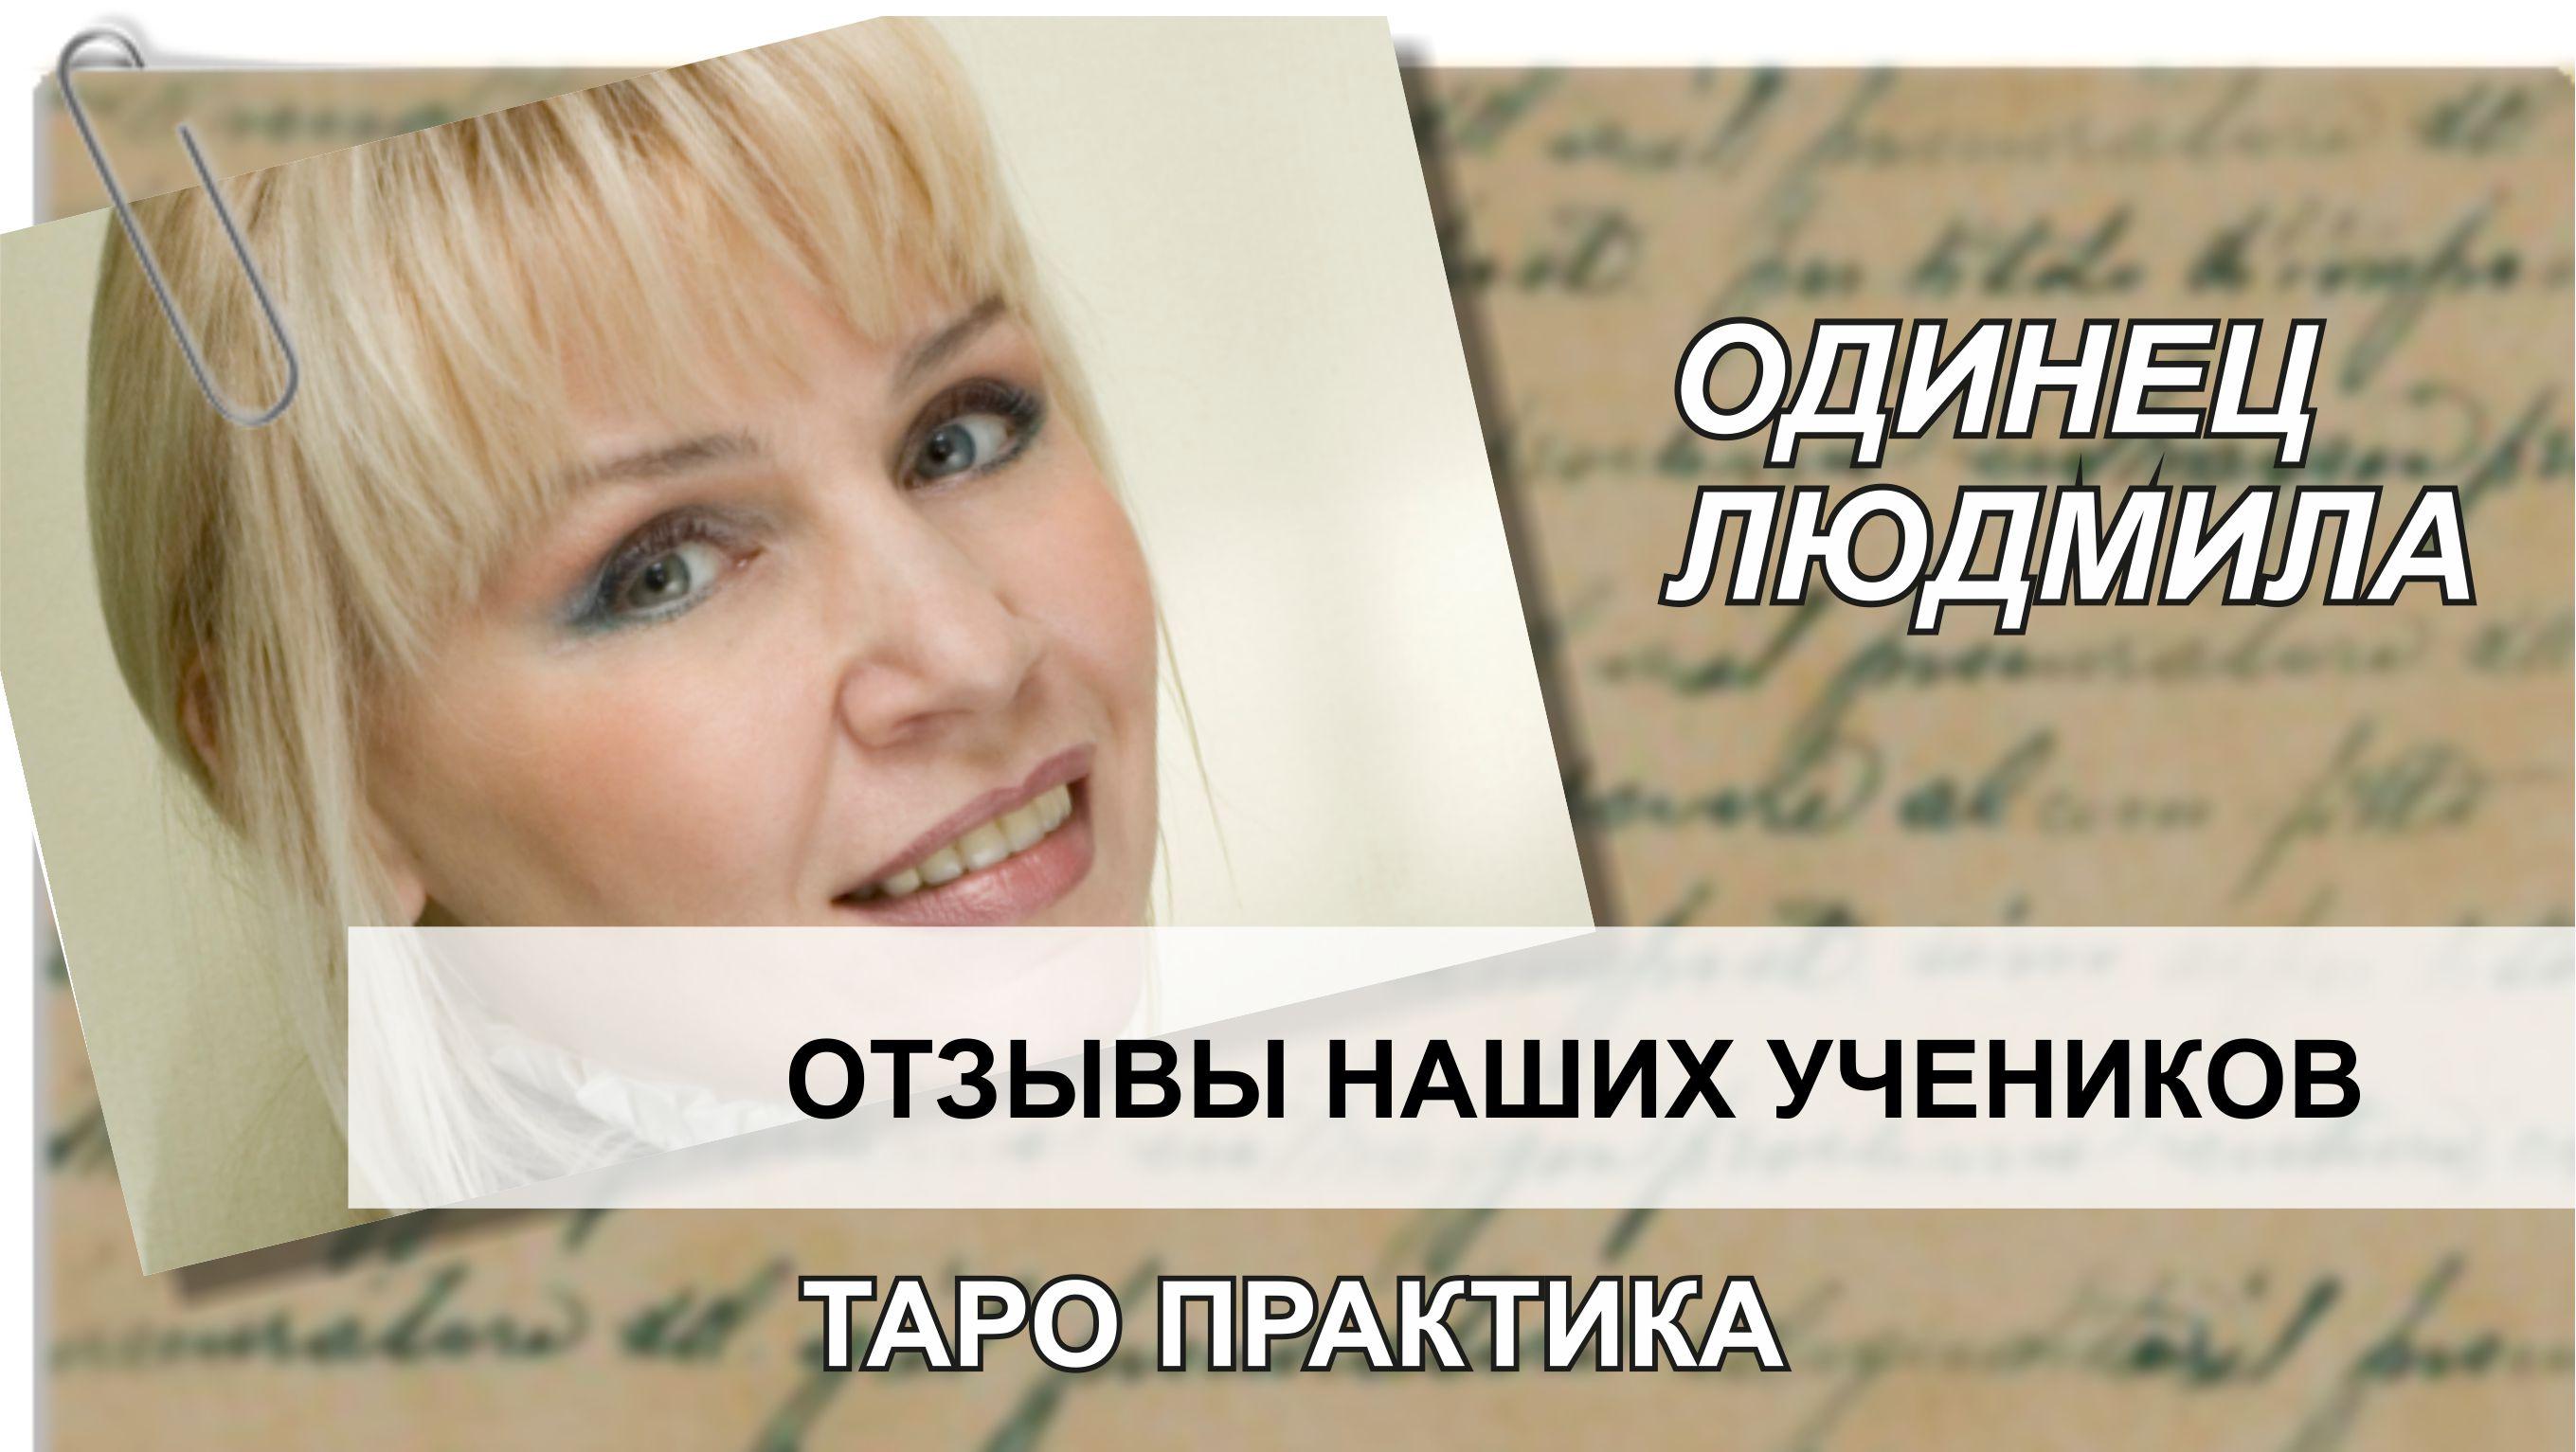 Одинец Людмила делится впечатлениями после прохождения курса Таро Практика